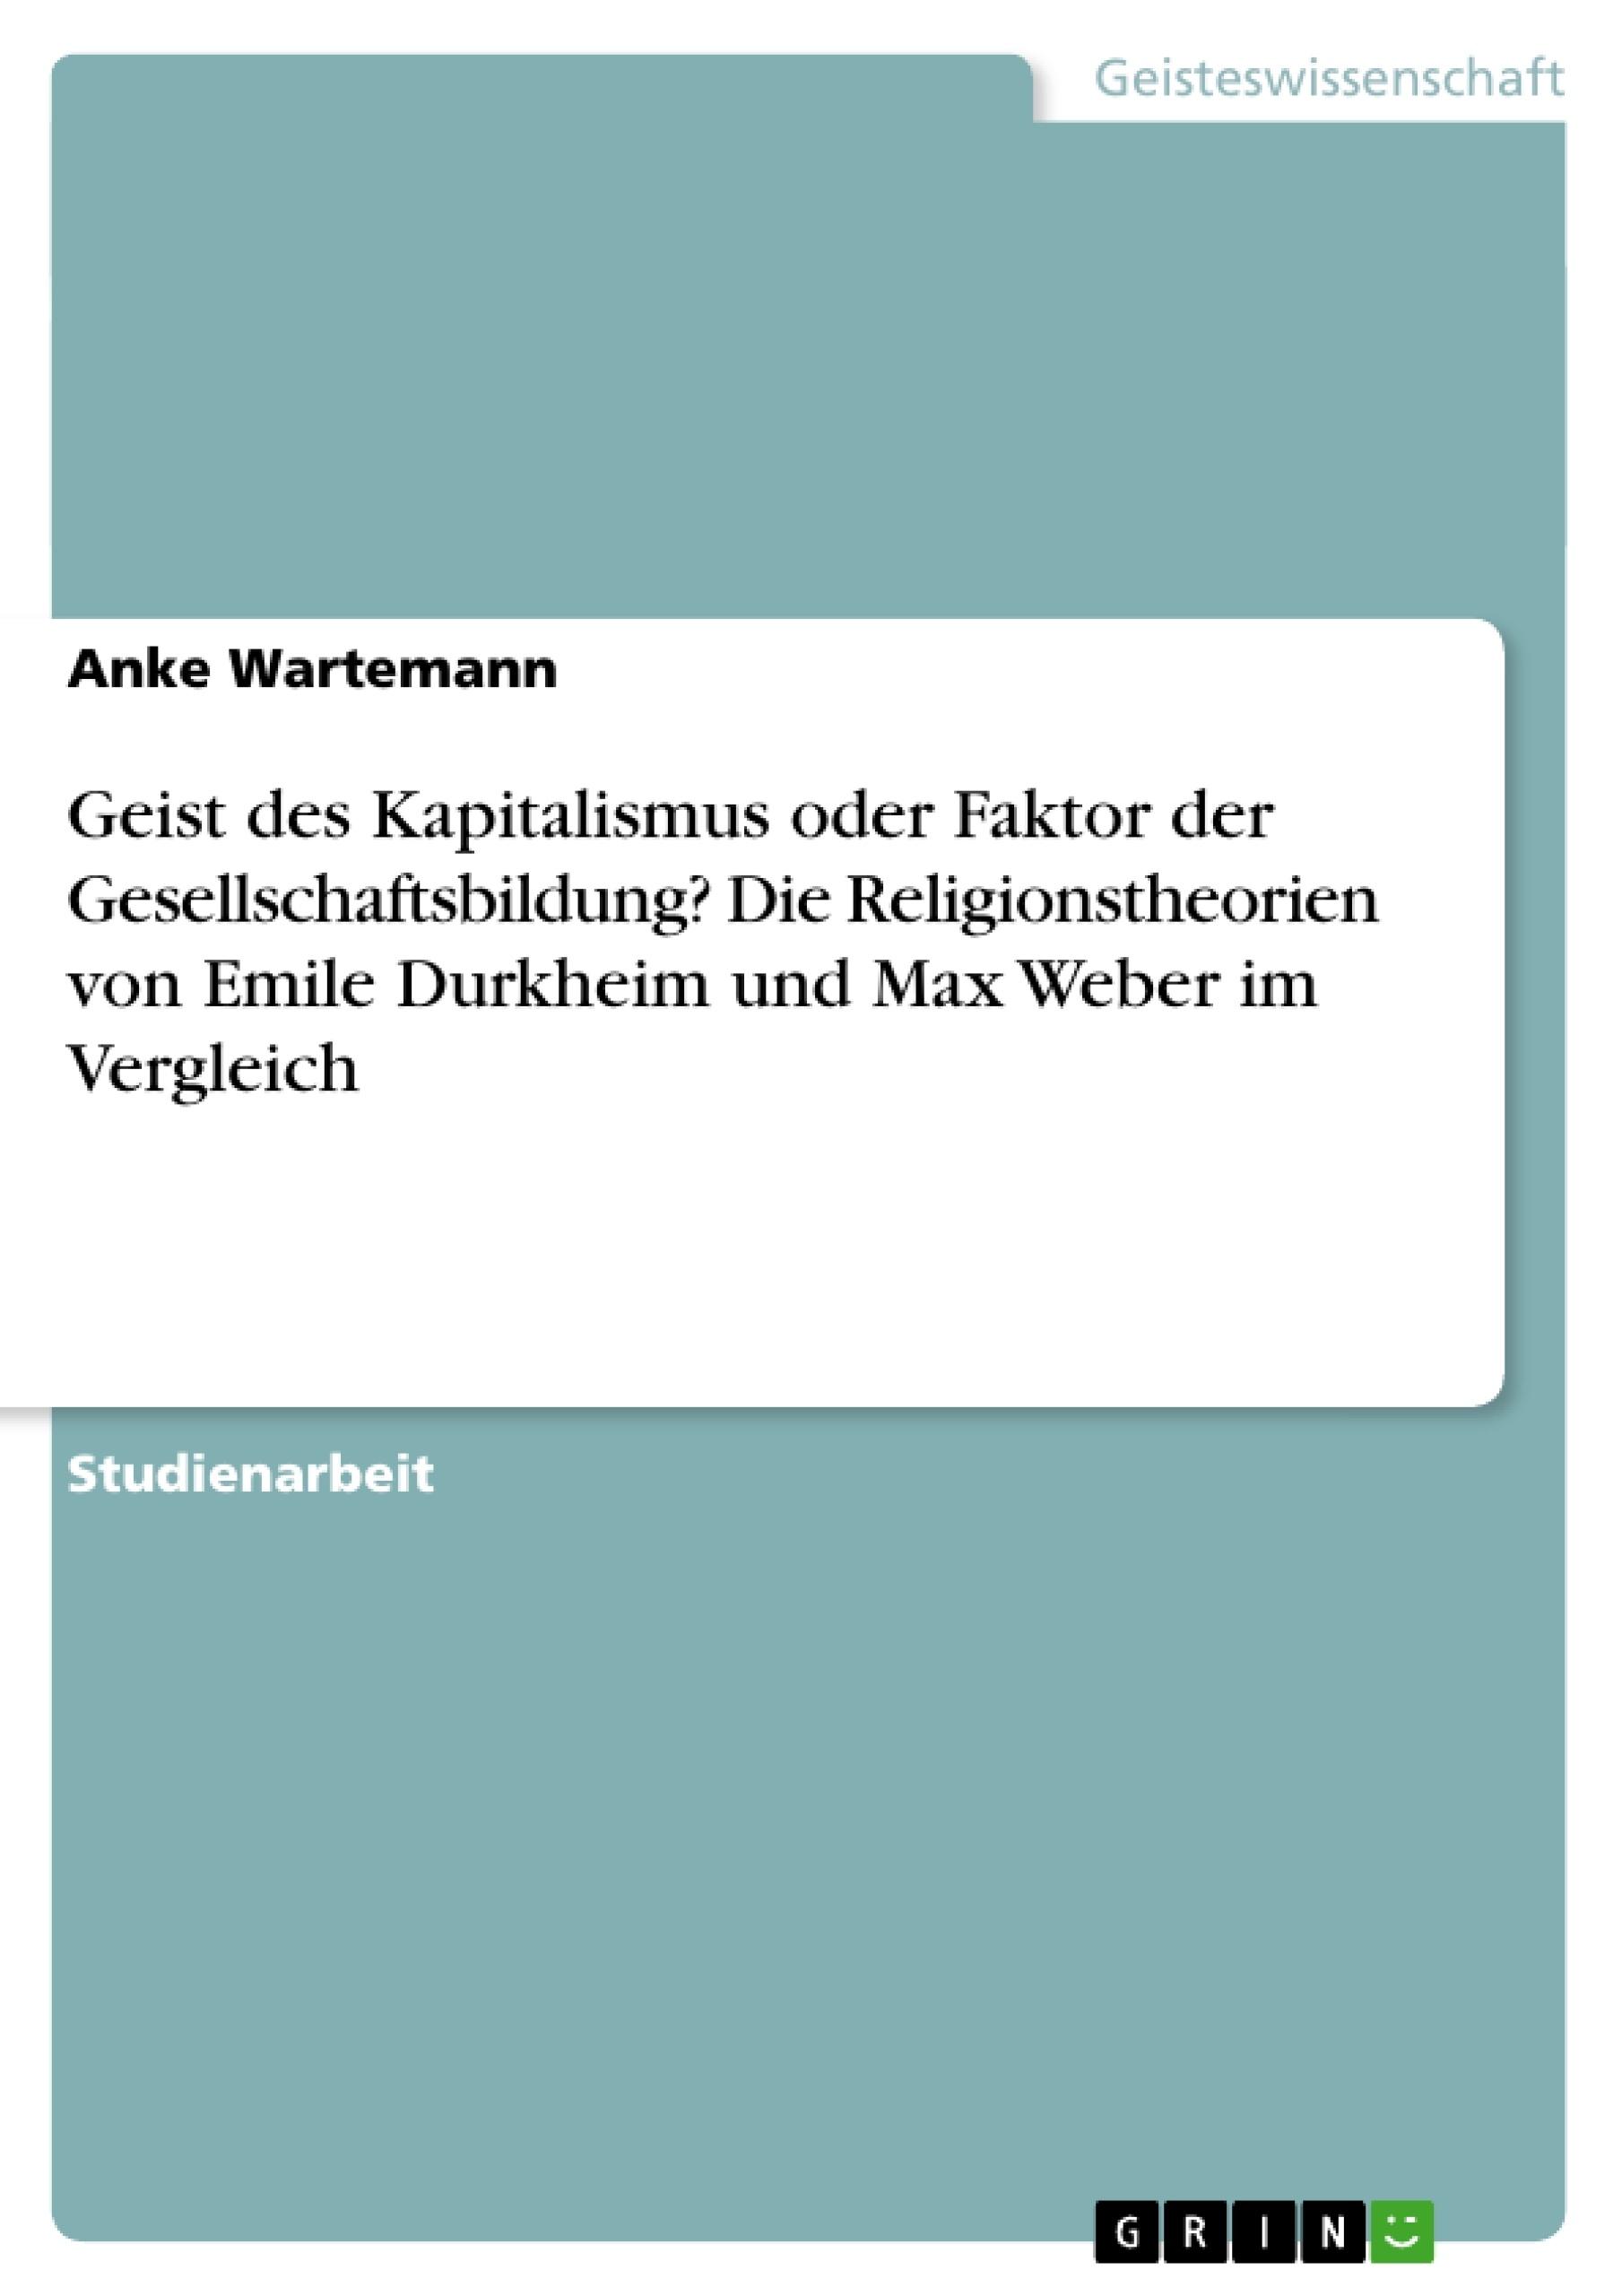 Titel: Geist des Kapitalismus oder Faktor der Gesellschaftsbildung? Die Religionstheorien von Emile Durkheim und Max Weber im Vergleich